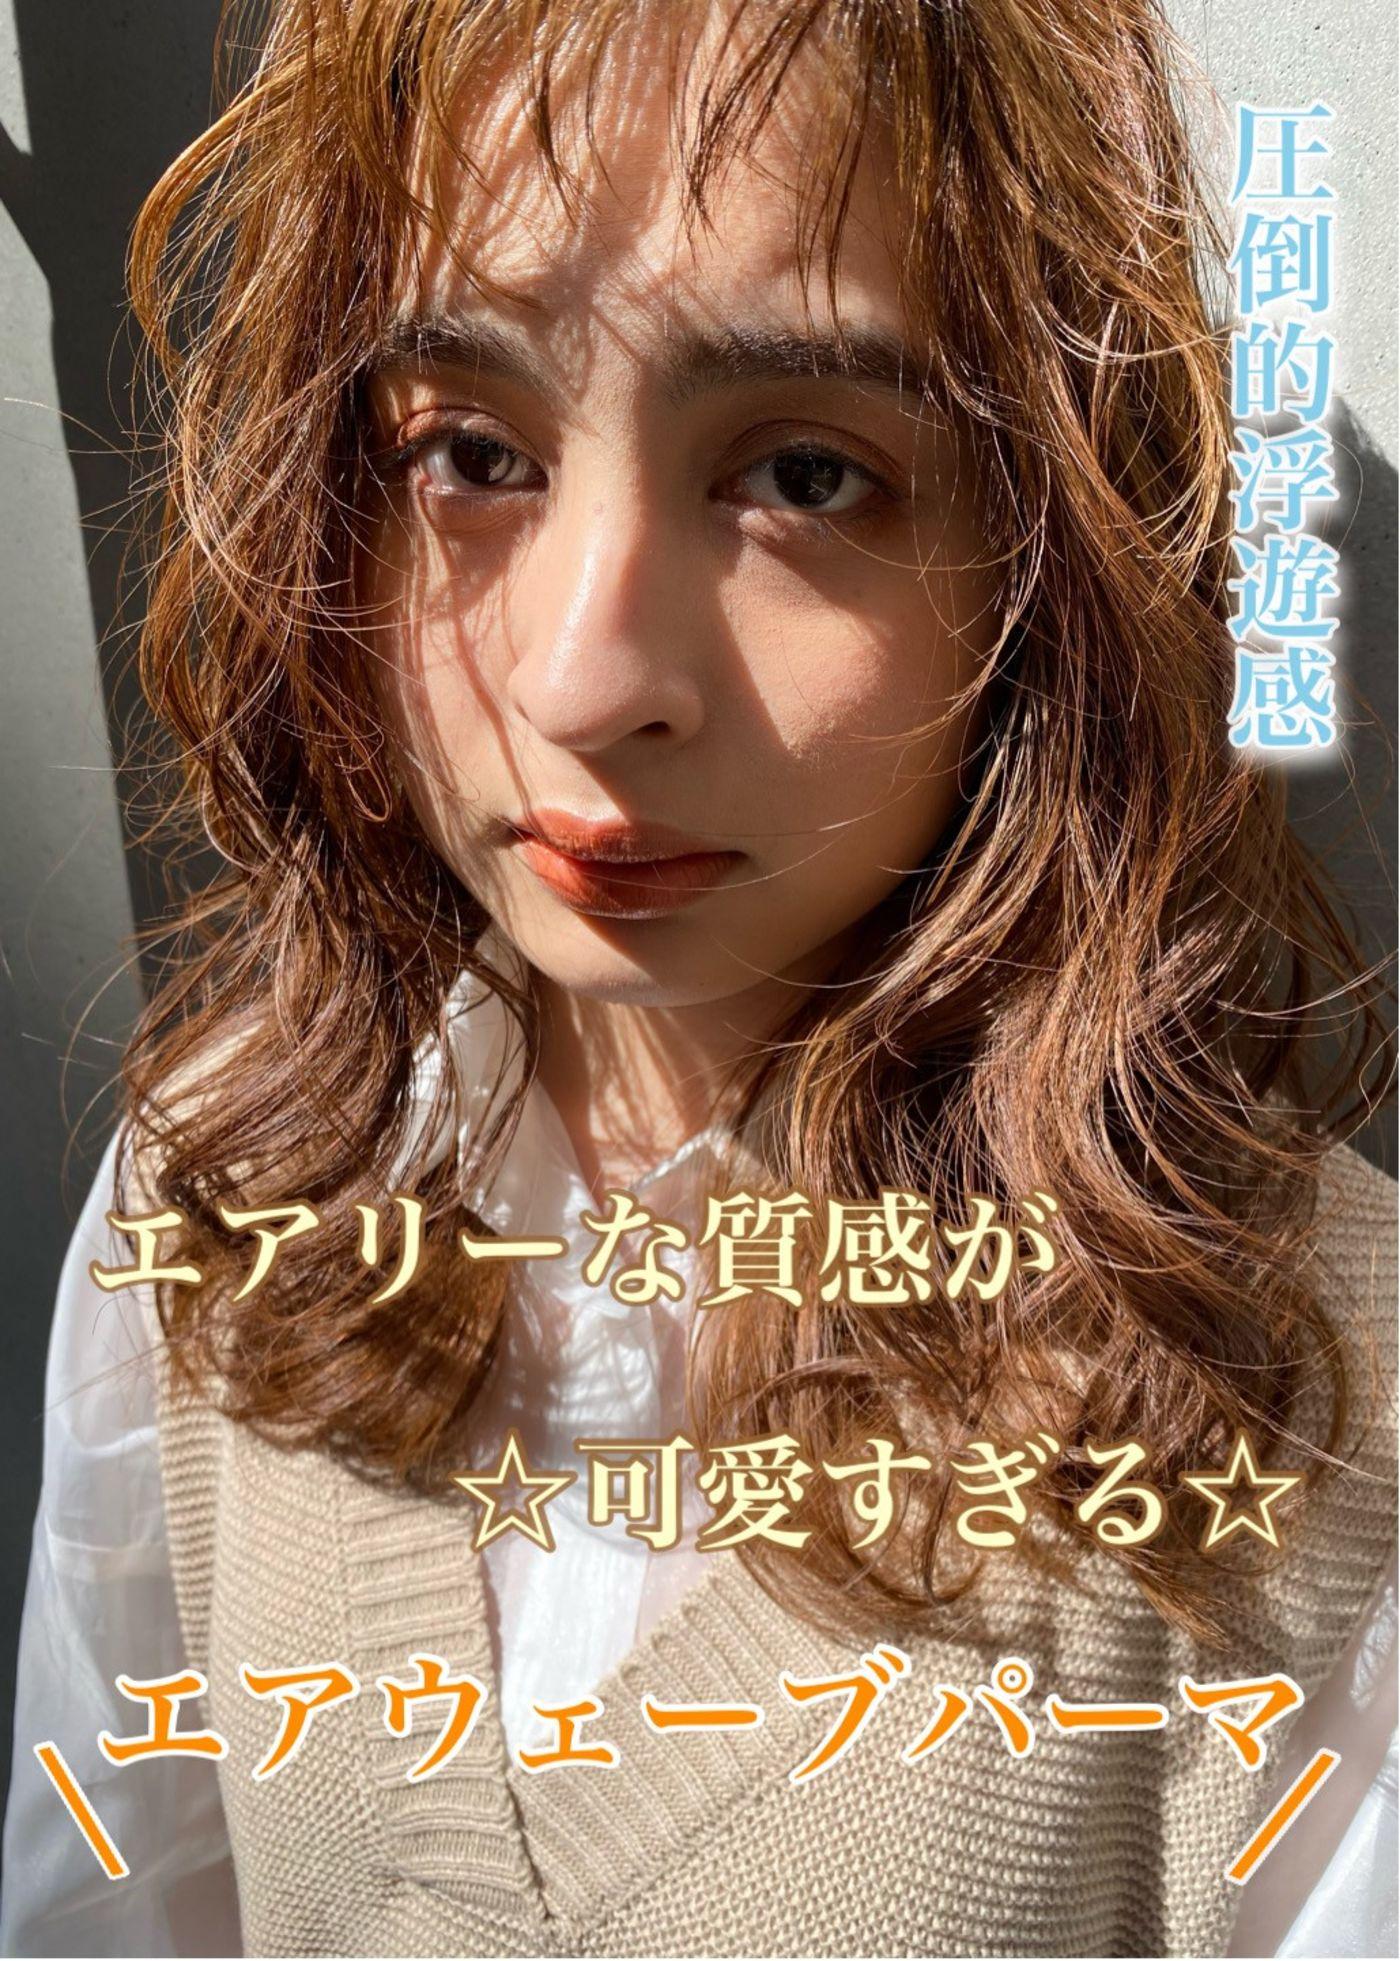 究極のエアリー感☆空気を入れたエアウェーブパーマ/